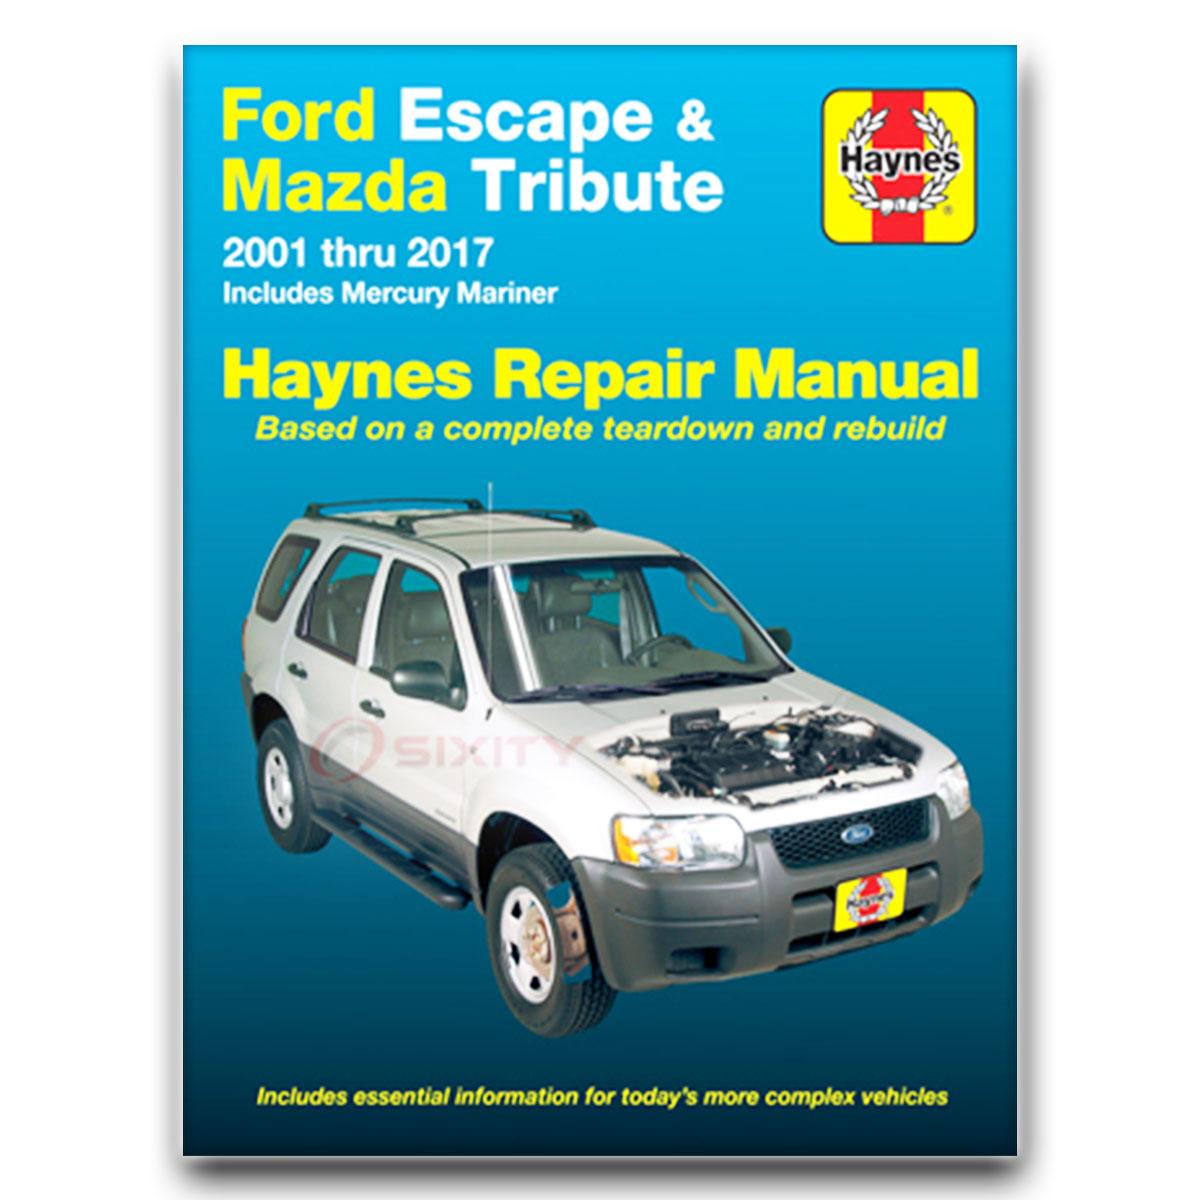 Haynes 36022 Repair Manual Ford Escape 01-17 Mazda Tribute ...